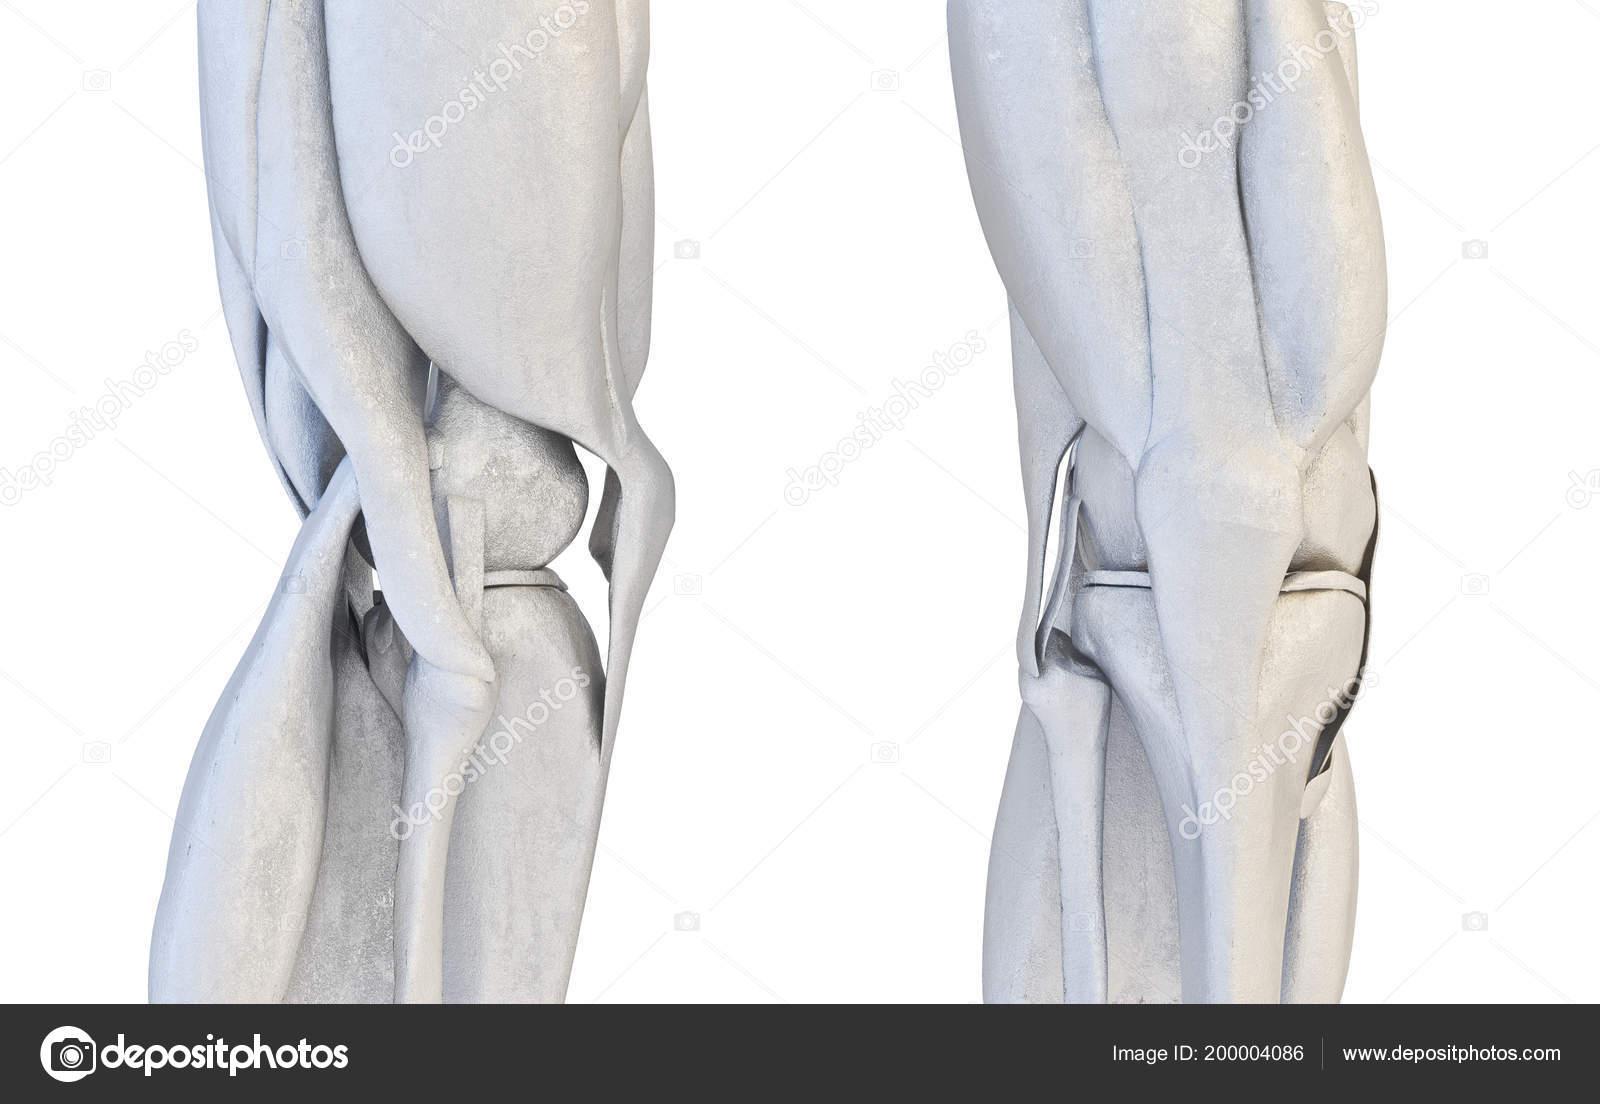 Human Knee Joint Set 3d Illustration Stock Photo Automotive